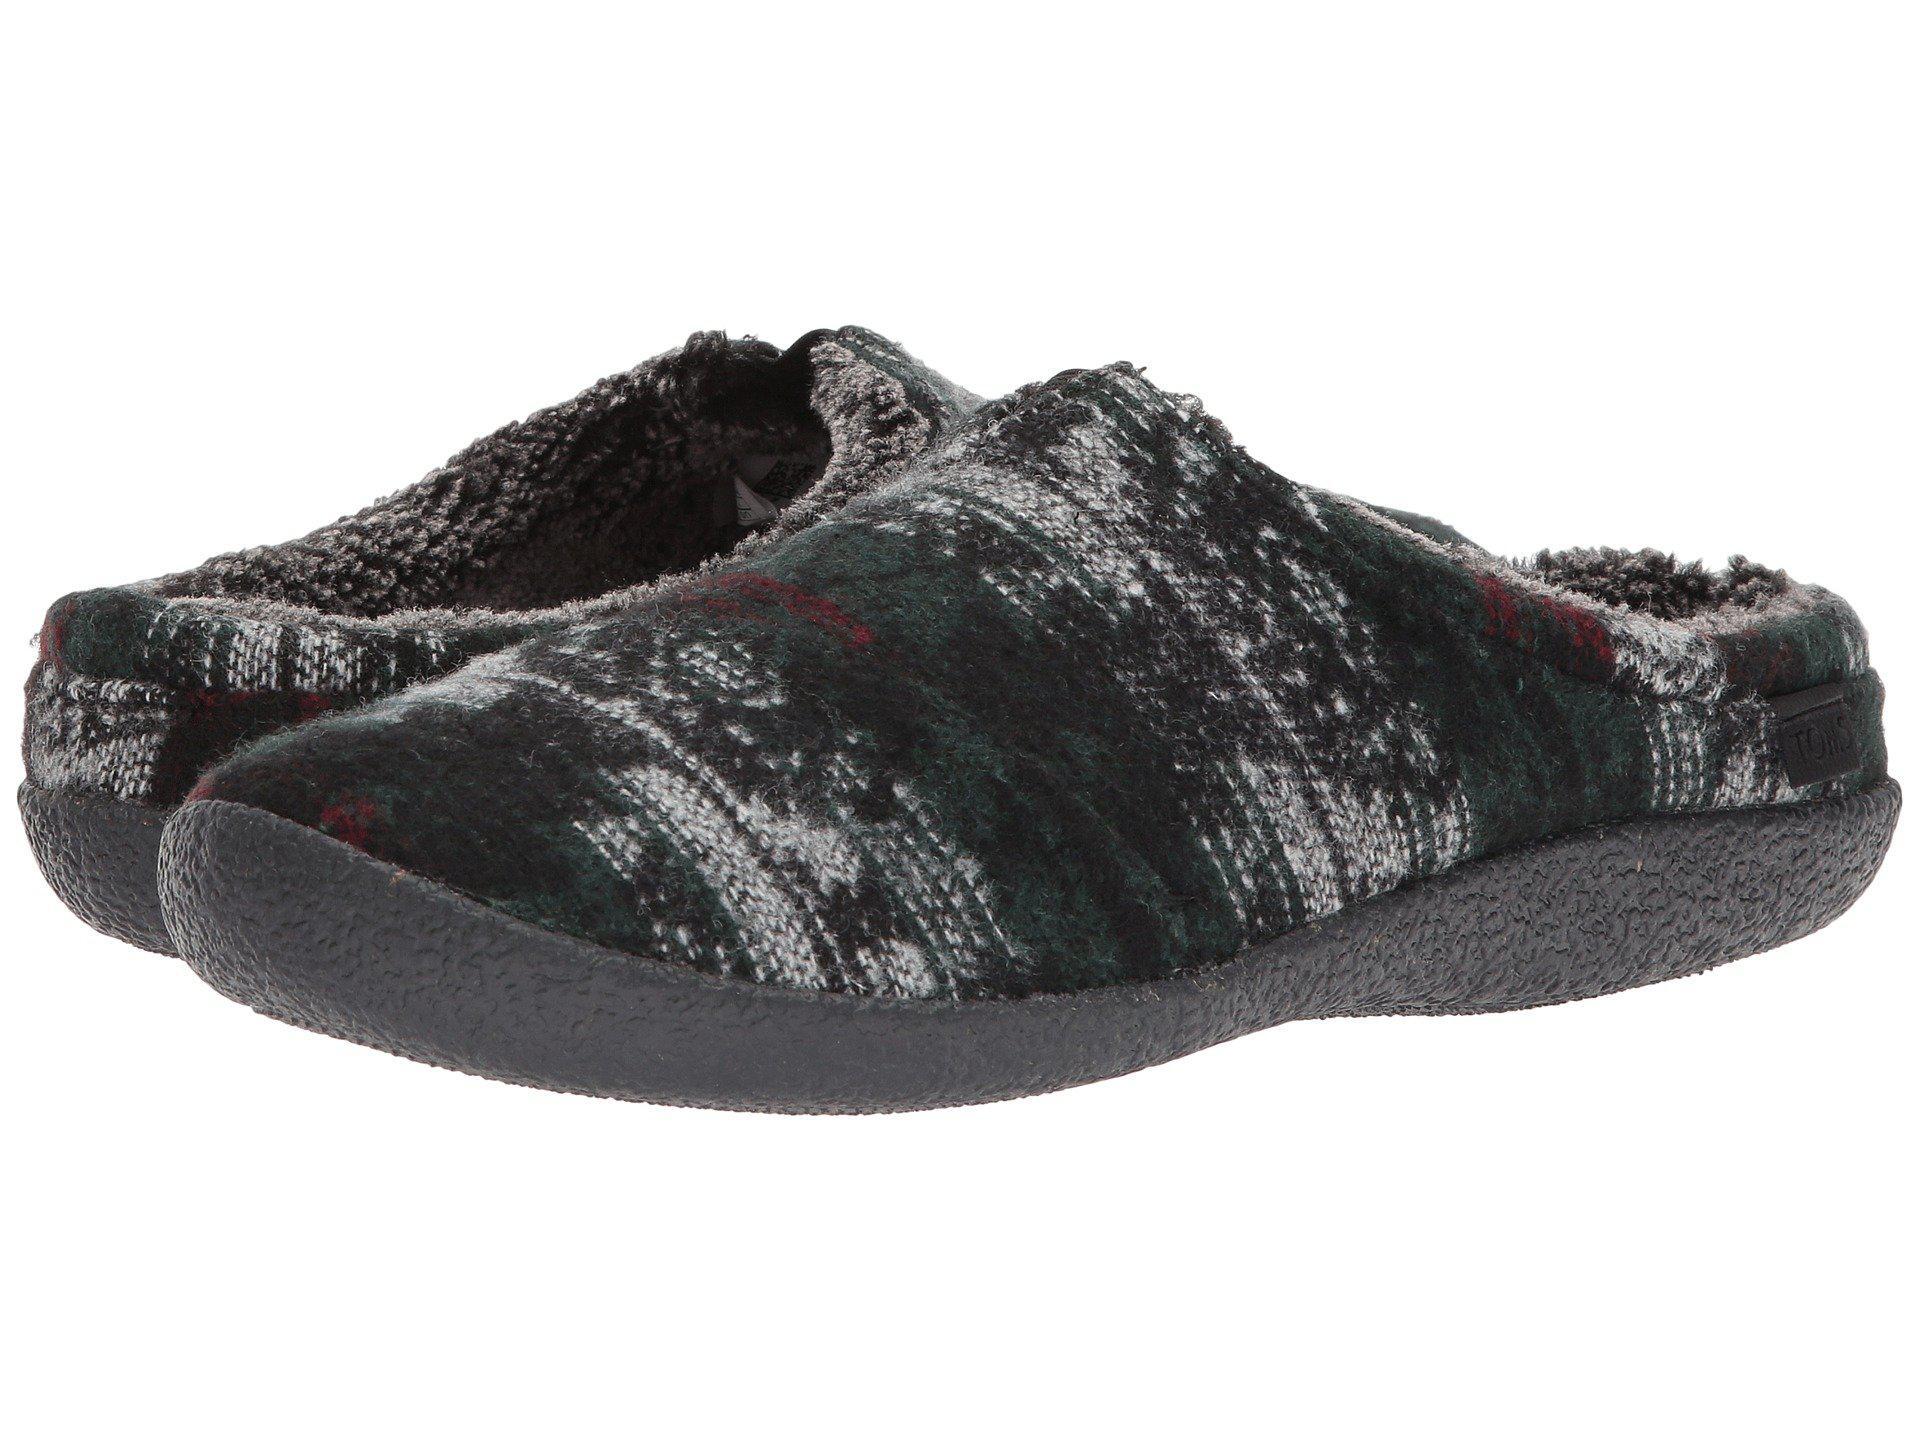 8993afc8d3d Lyst - TOMS Berkeley Slipper in Black for Men - Save 16%